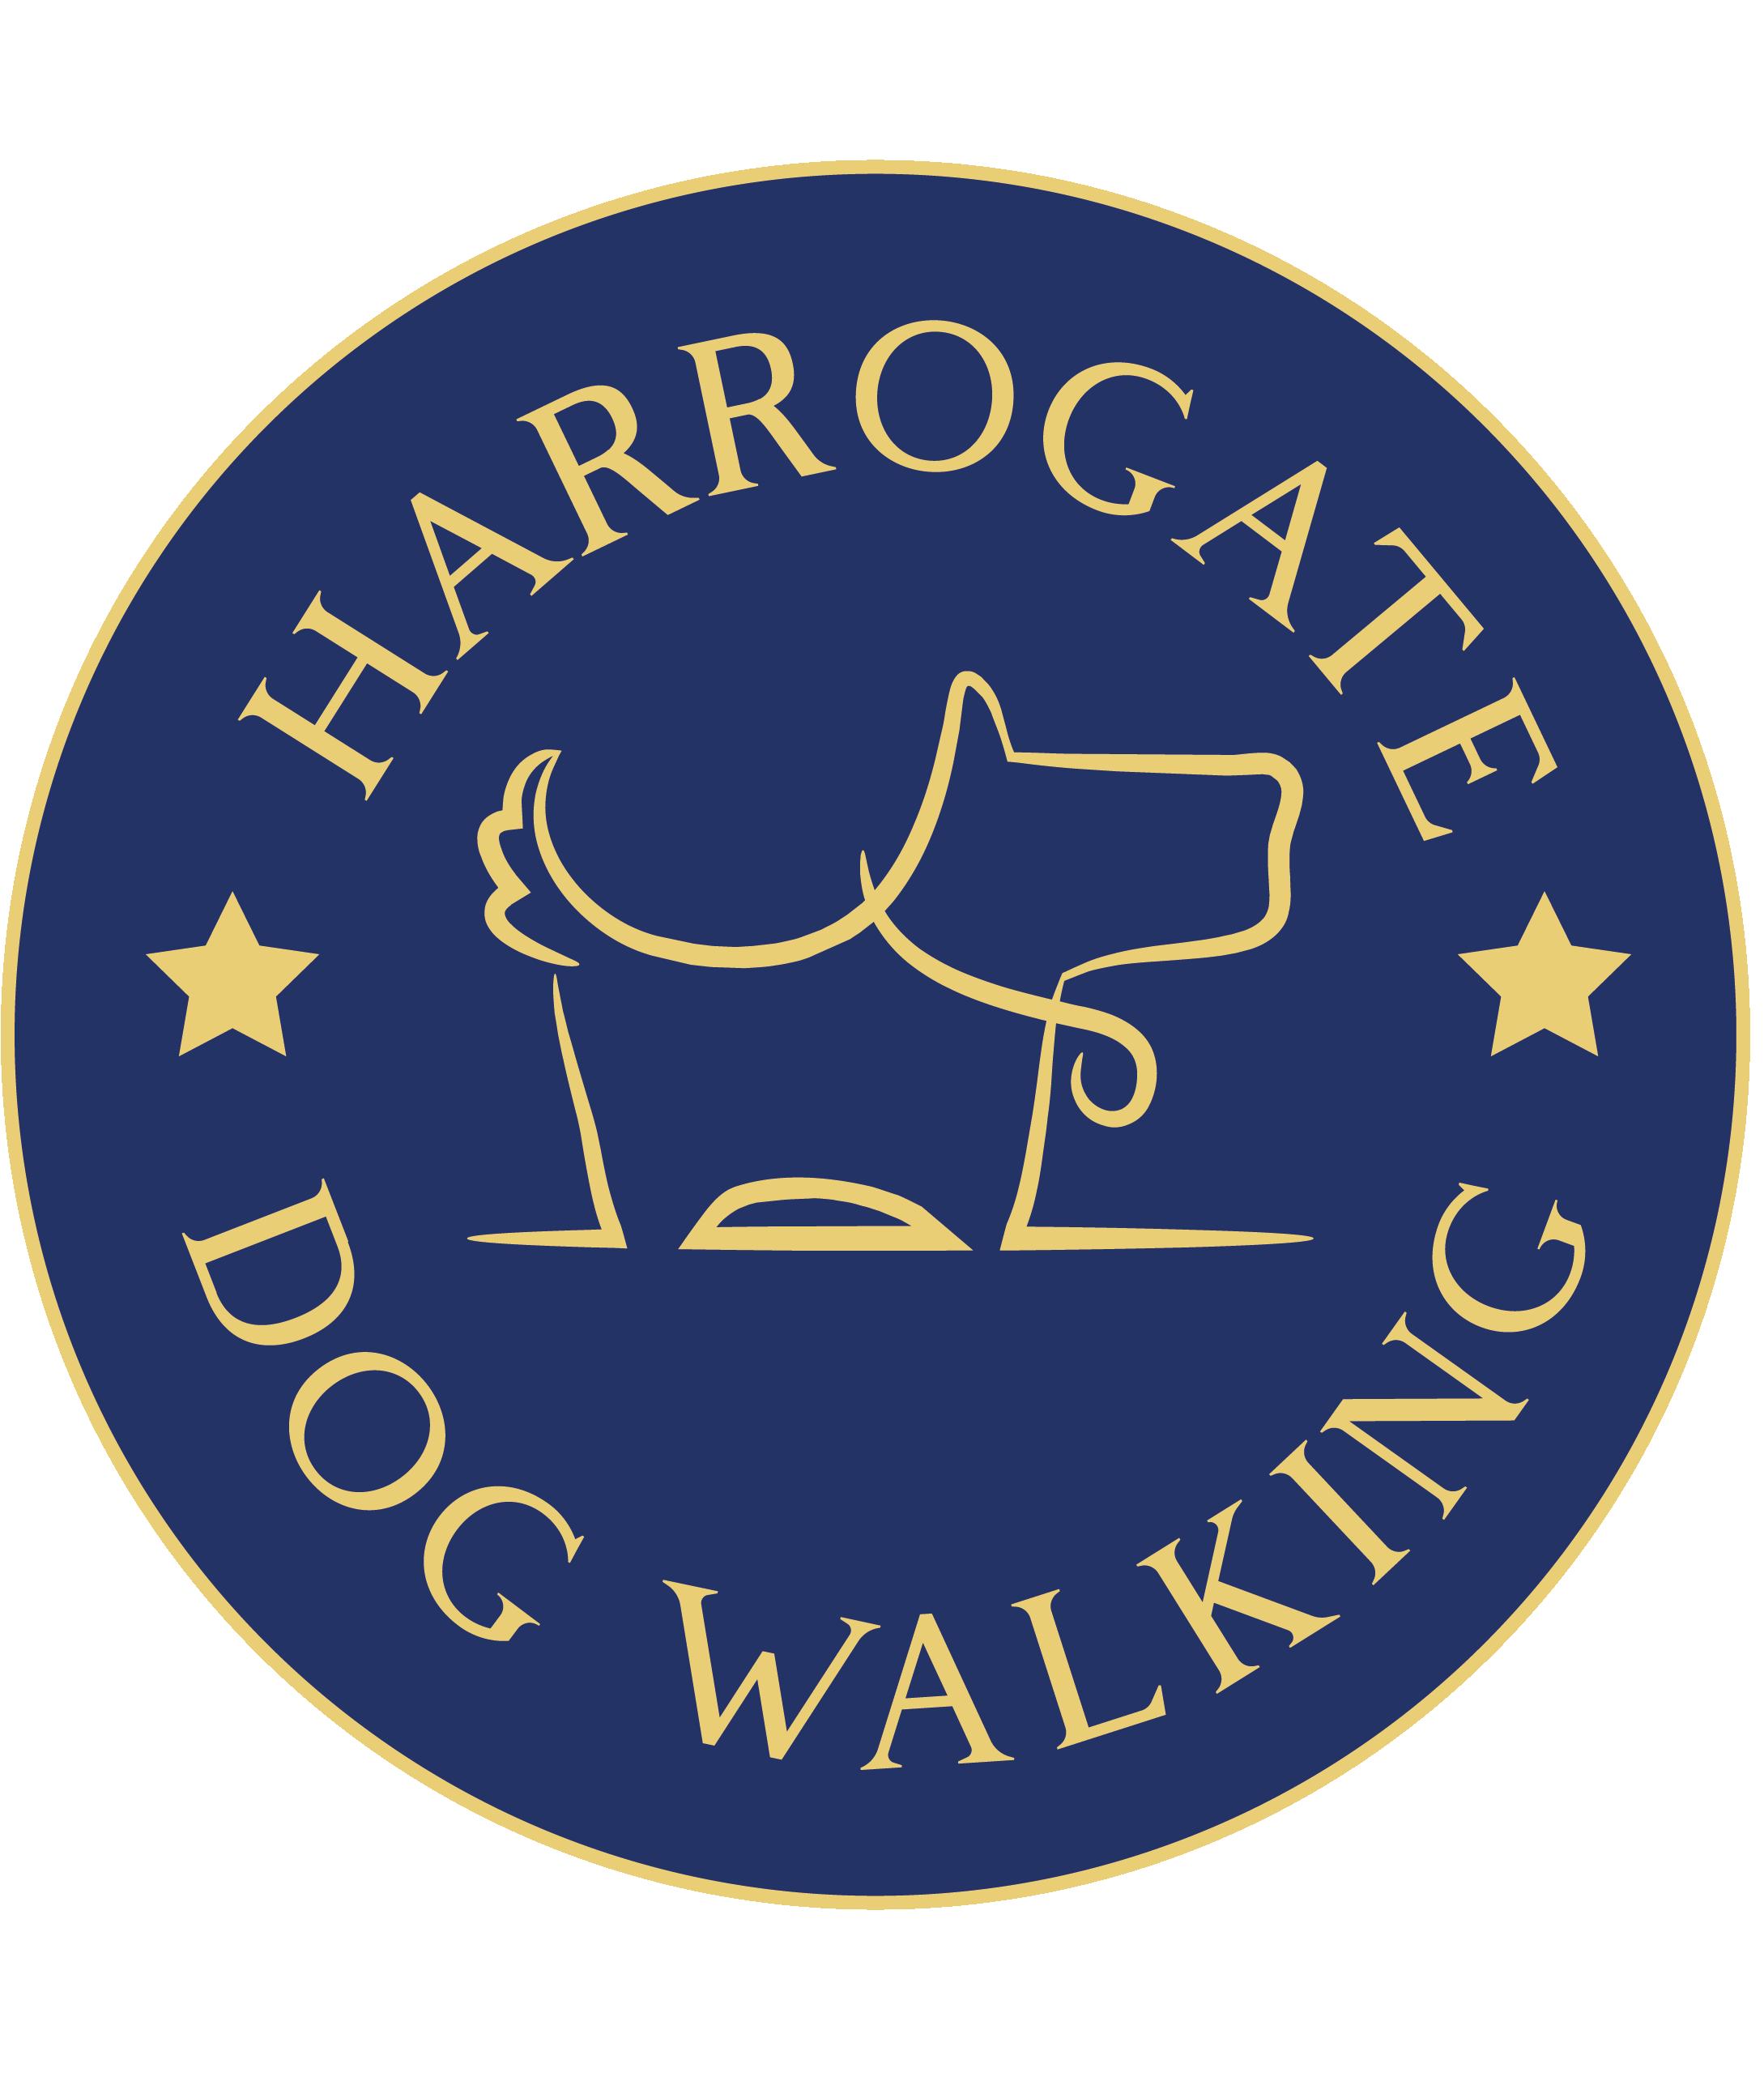 Harrogate Dog Walking